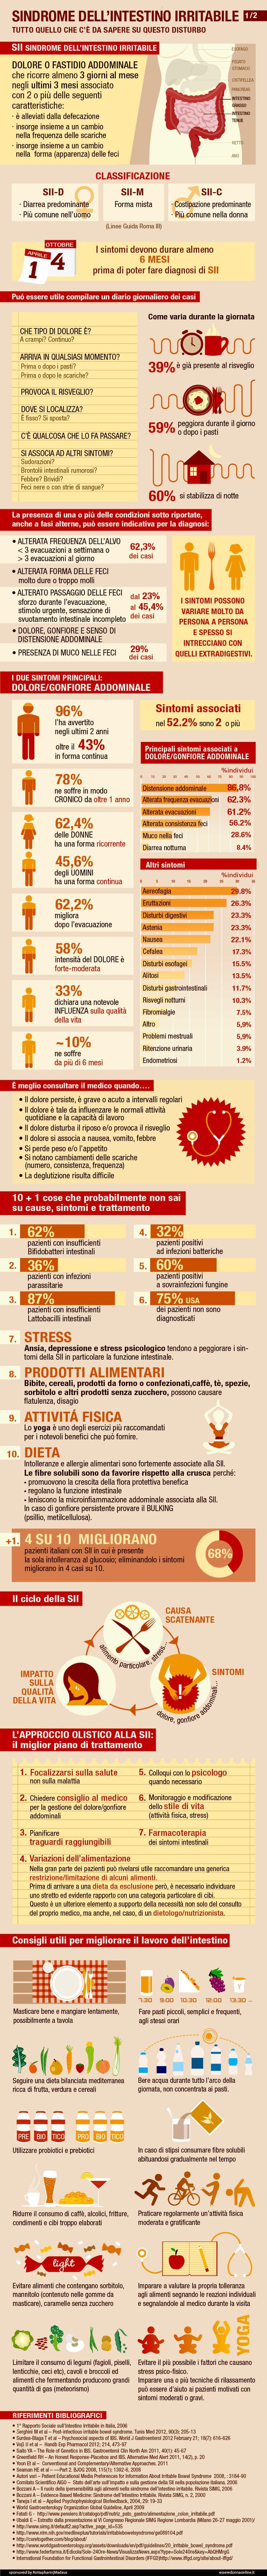 Sindrome dell'Intestino Irritabile - Esseredonnaonline